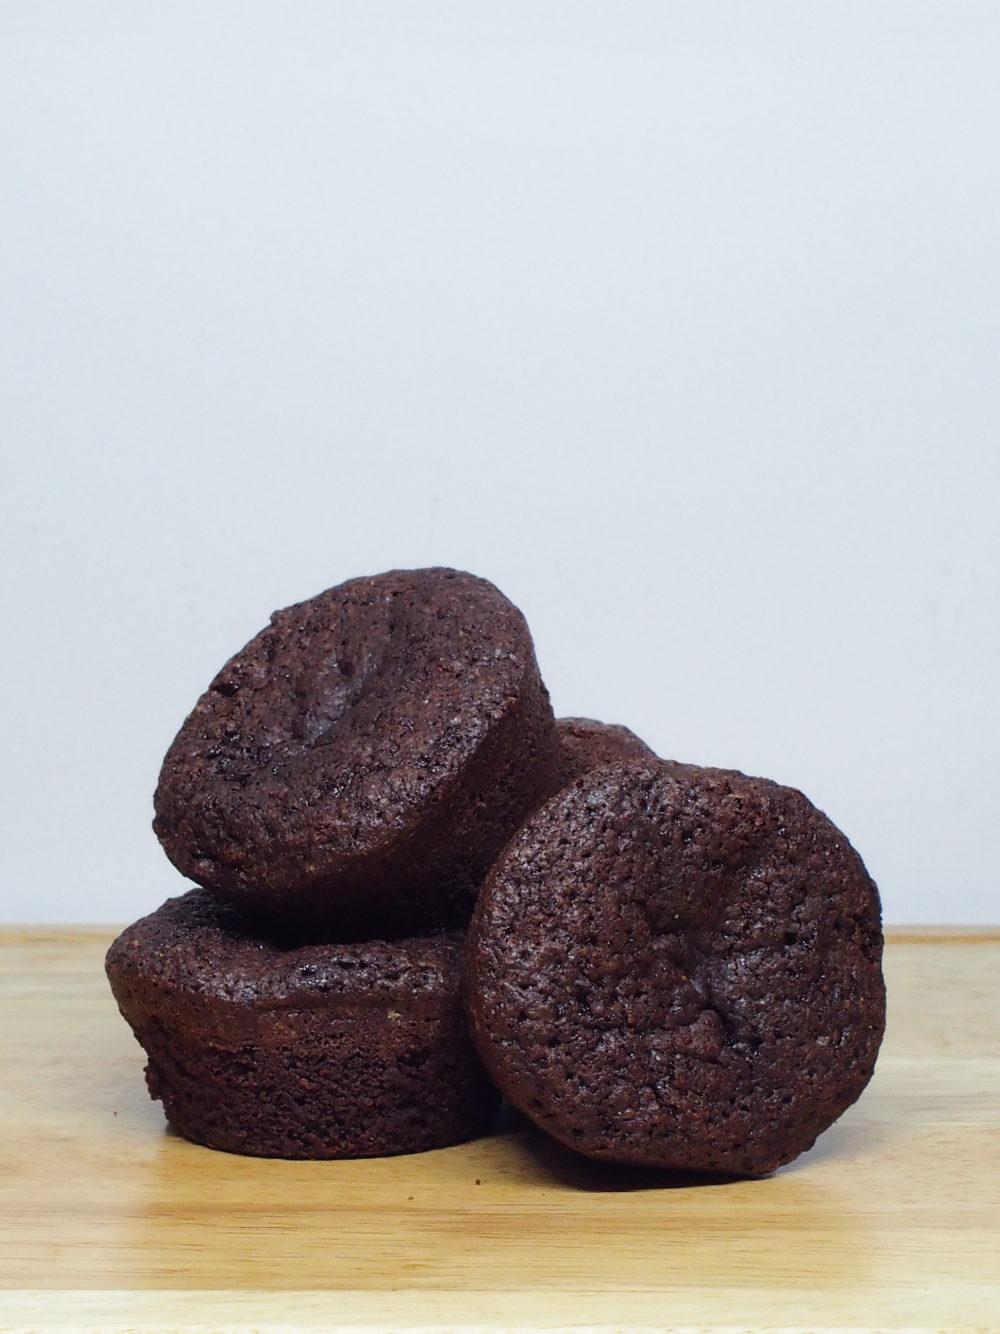 Brownie Group